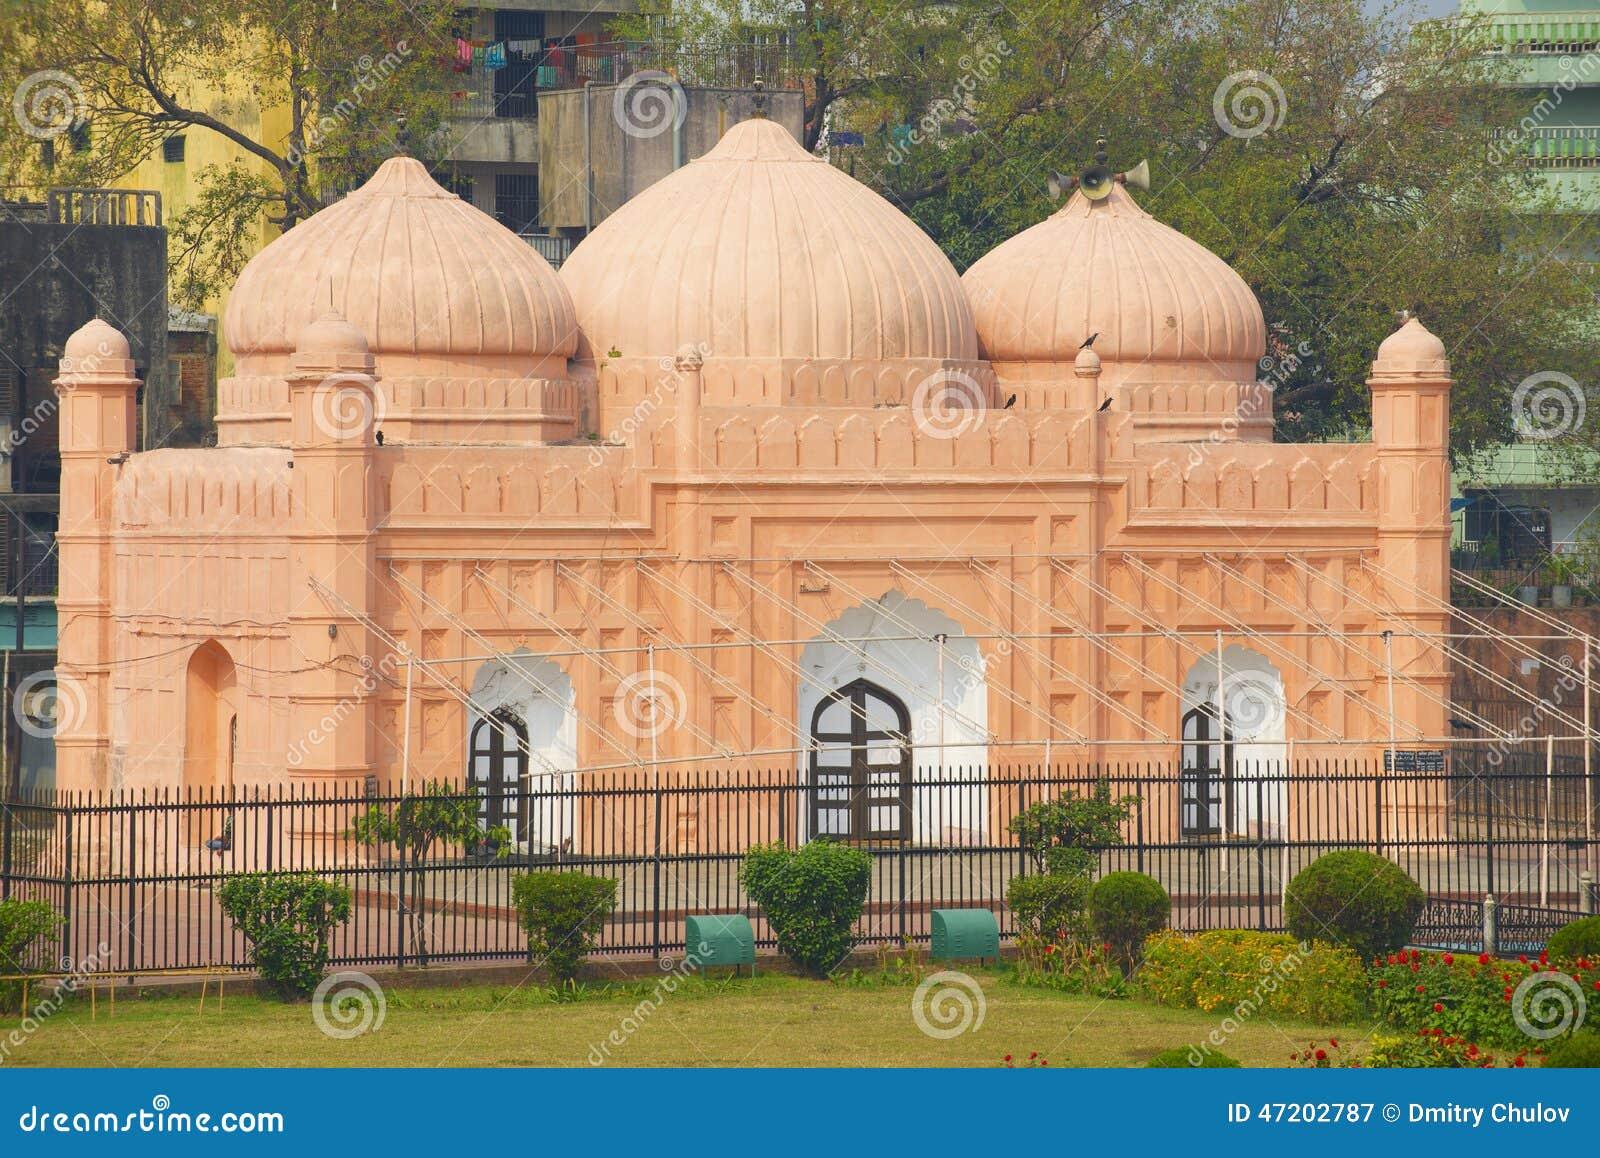 Lalbagh-Fort-Moschee, Dhaka, Bangladesch